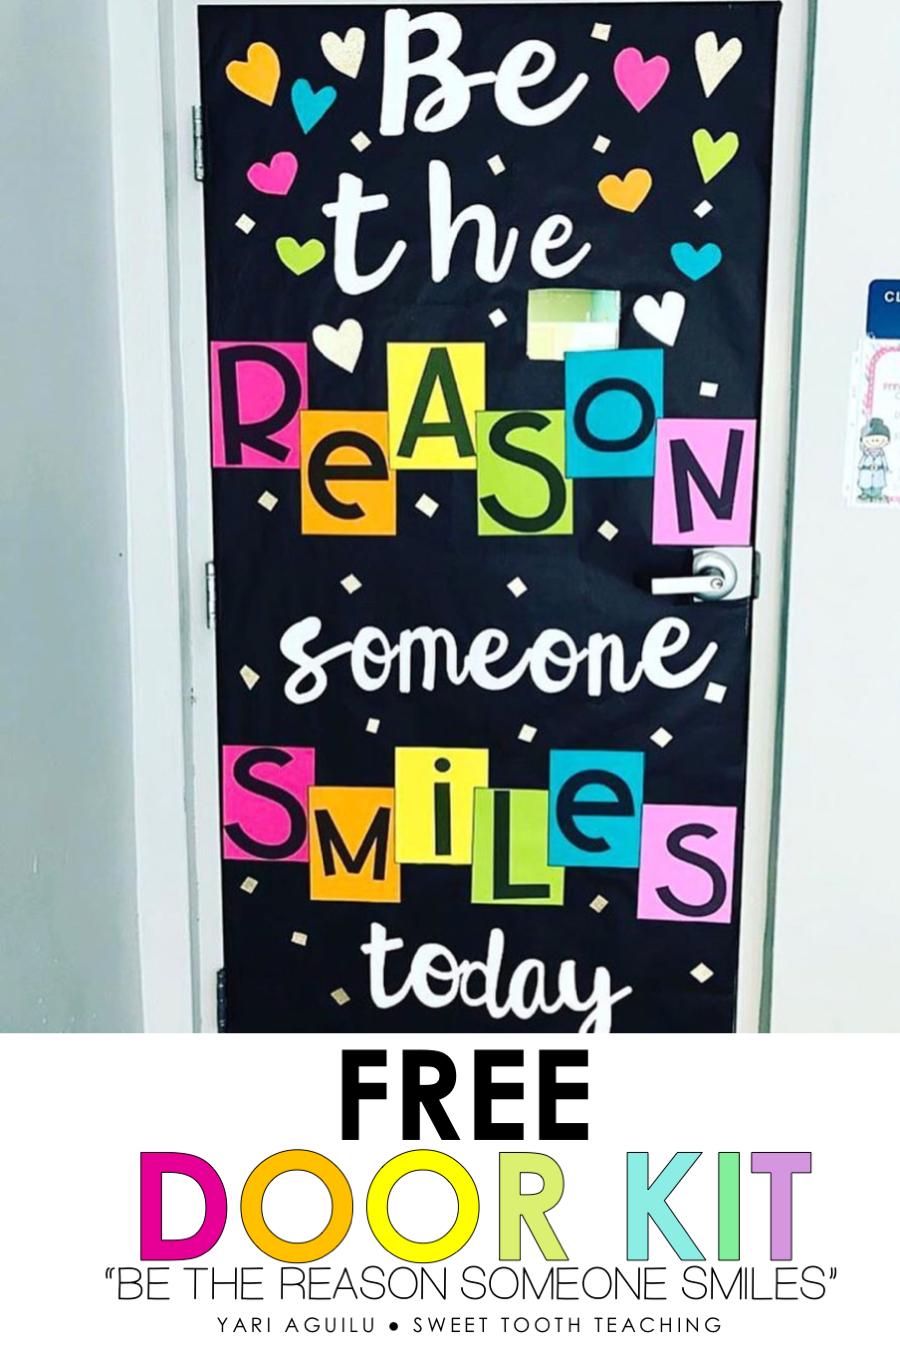 Free Classroom Door Decor Kit Door Decorations Classroom School Door Decorations Spring Classroom Door